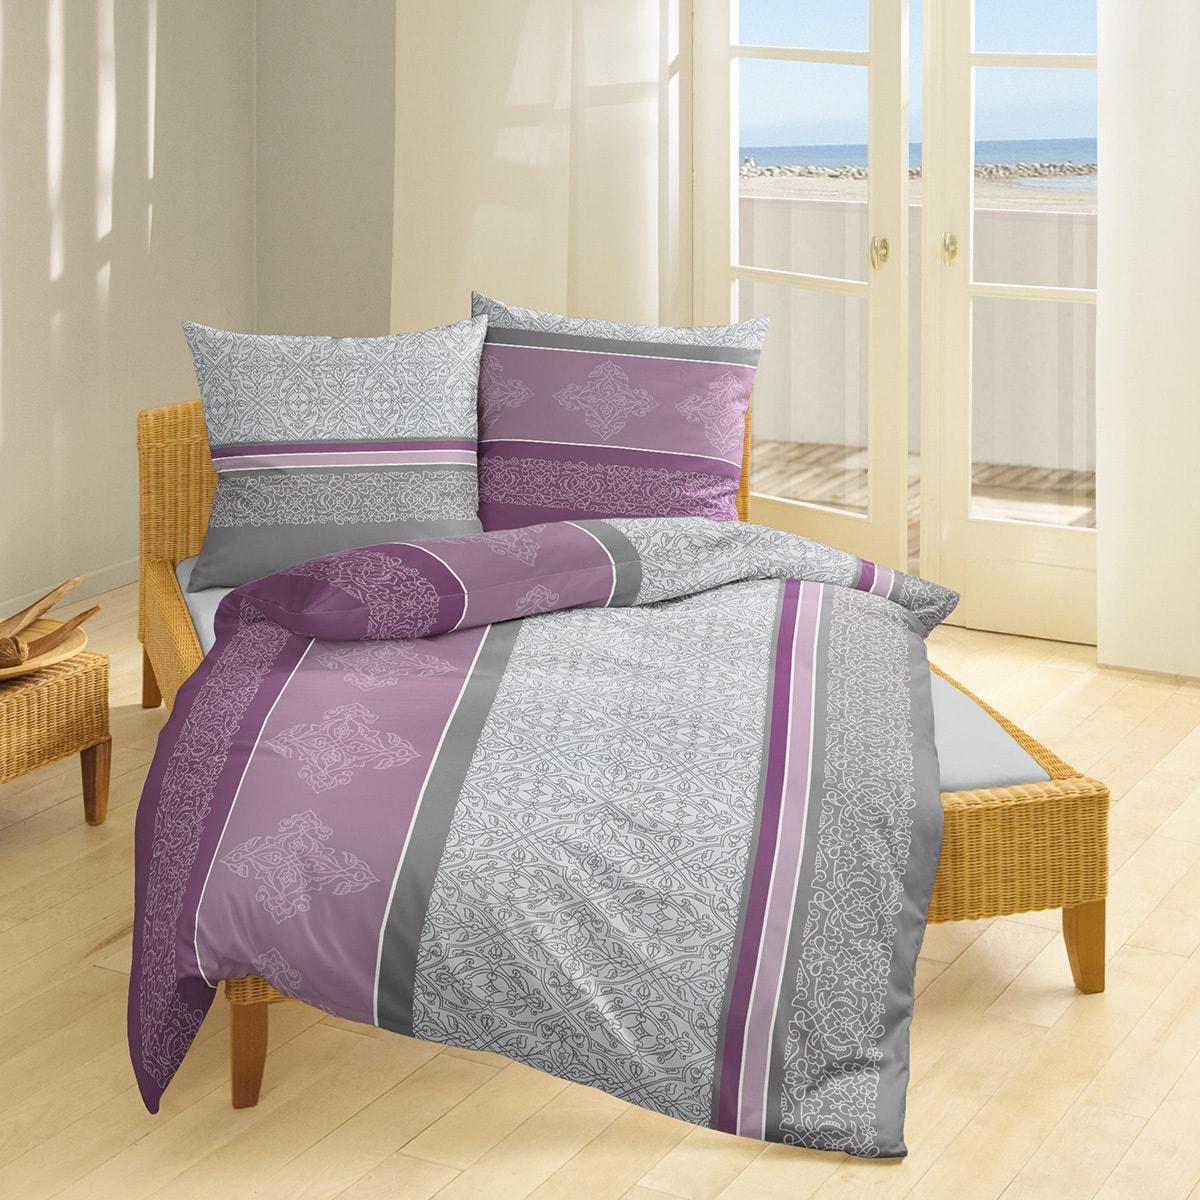 bierbaum single jersey bettw sche 6197 flieder g nstig online kaufen bei bettwaren shop. Black Bedroom Furniture Sets. Home Design Ideas